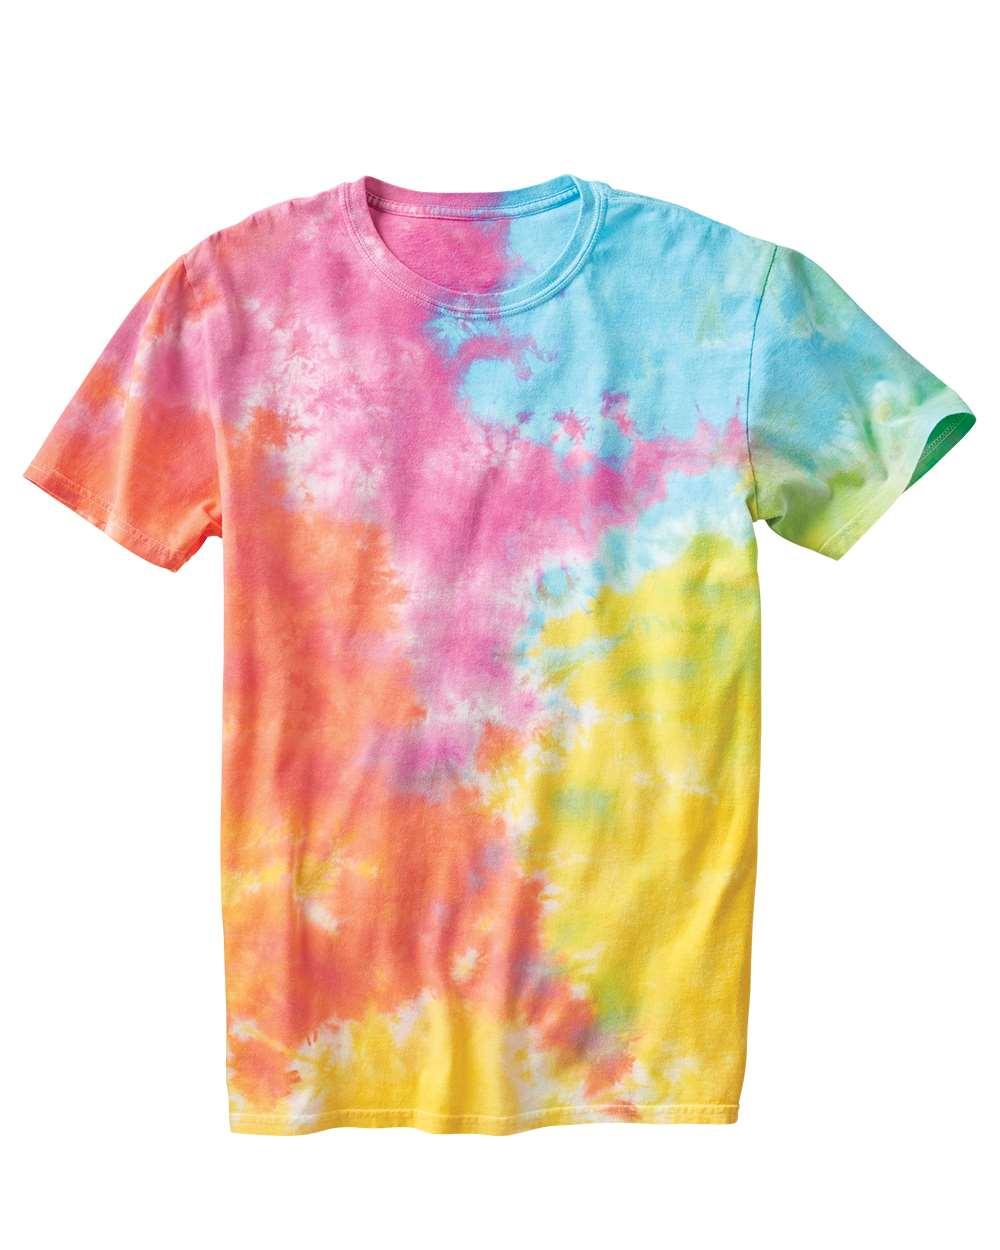 Dyenomite 640VR - Slushie Crinkle Tie Dye T-Shirt